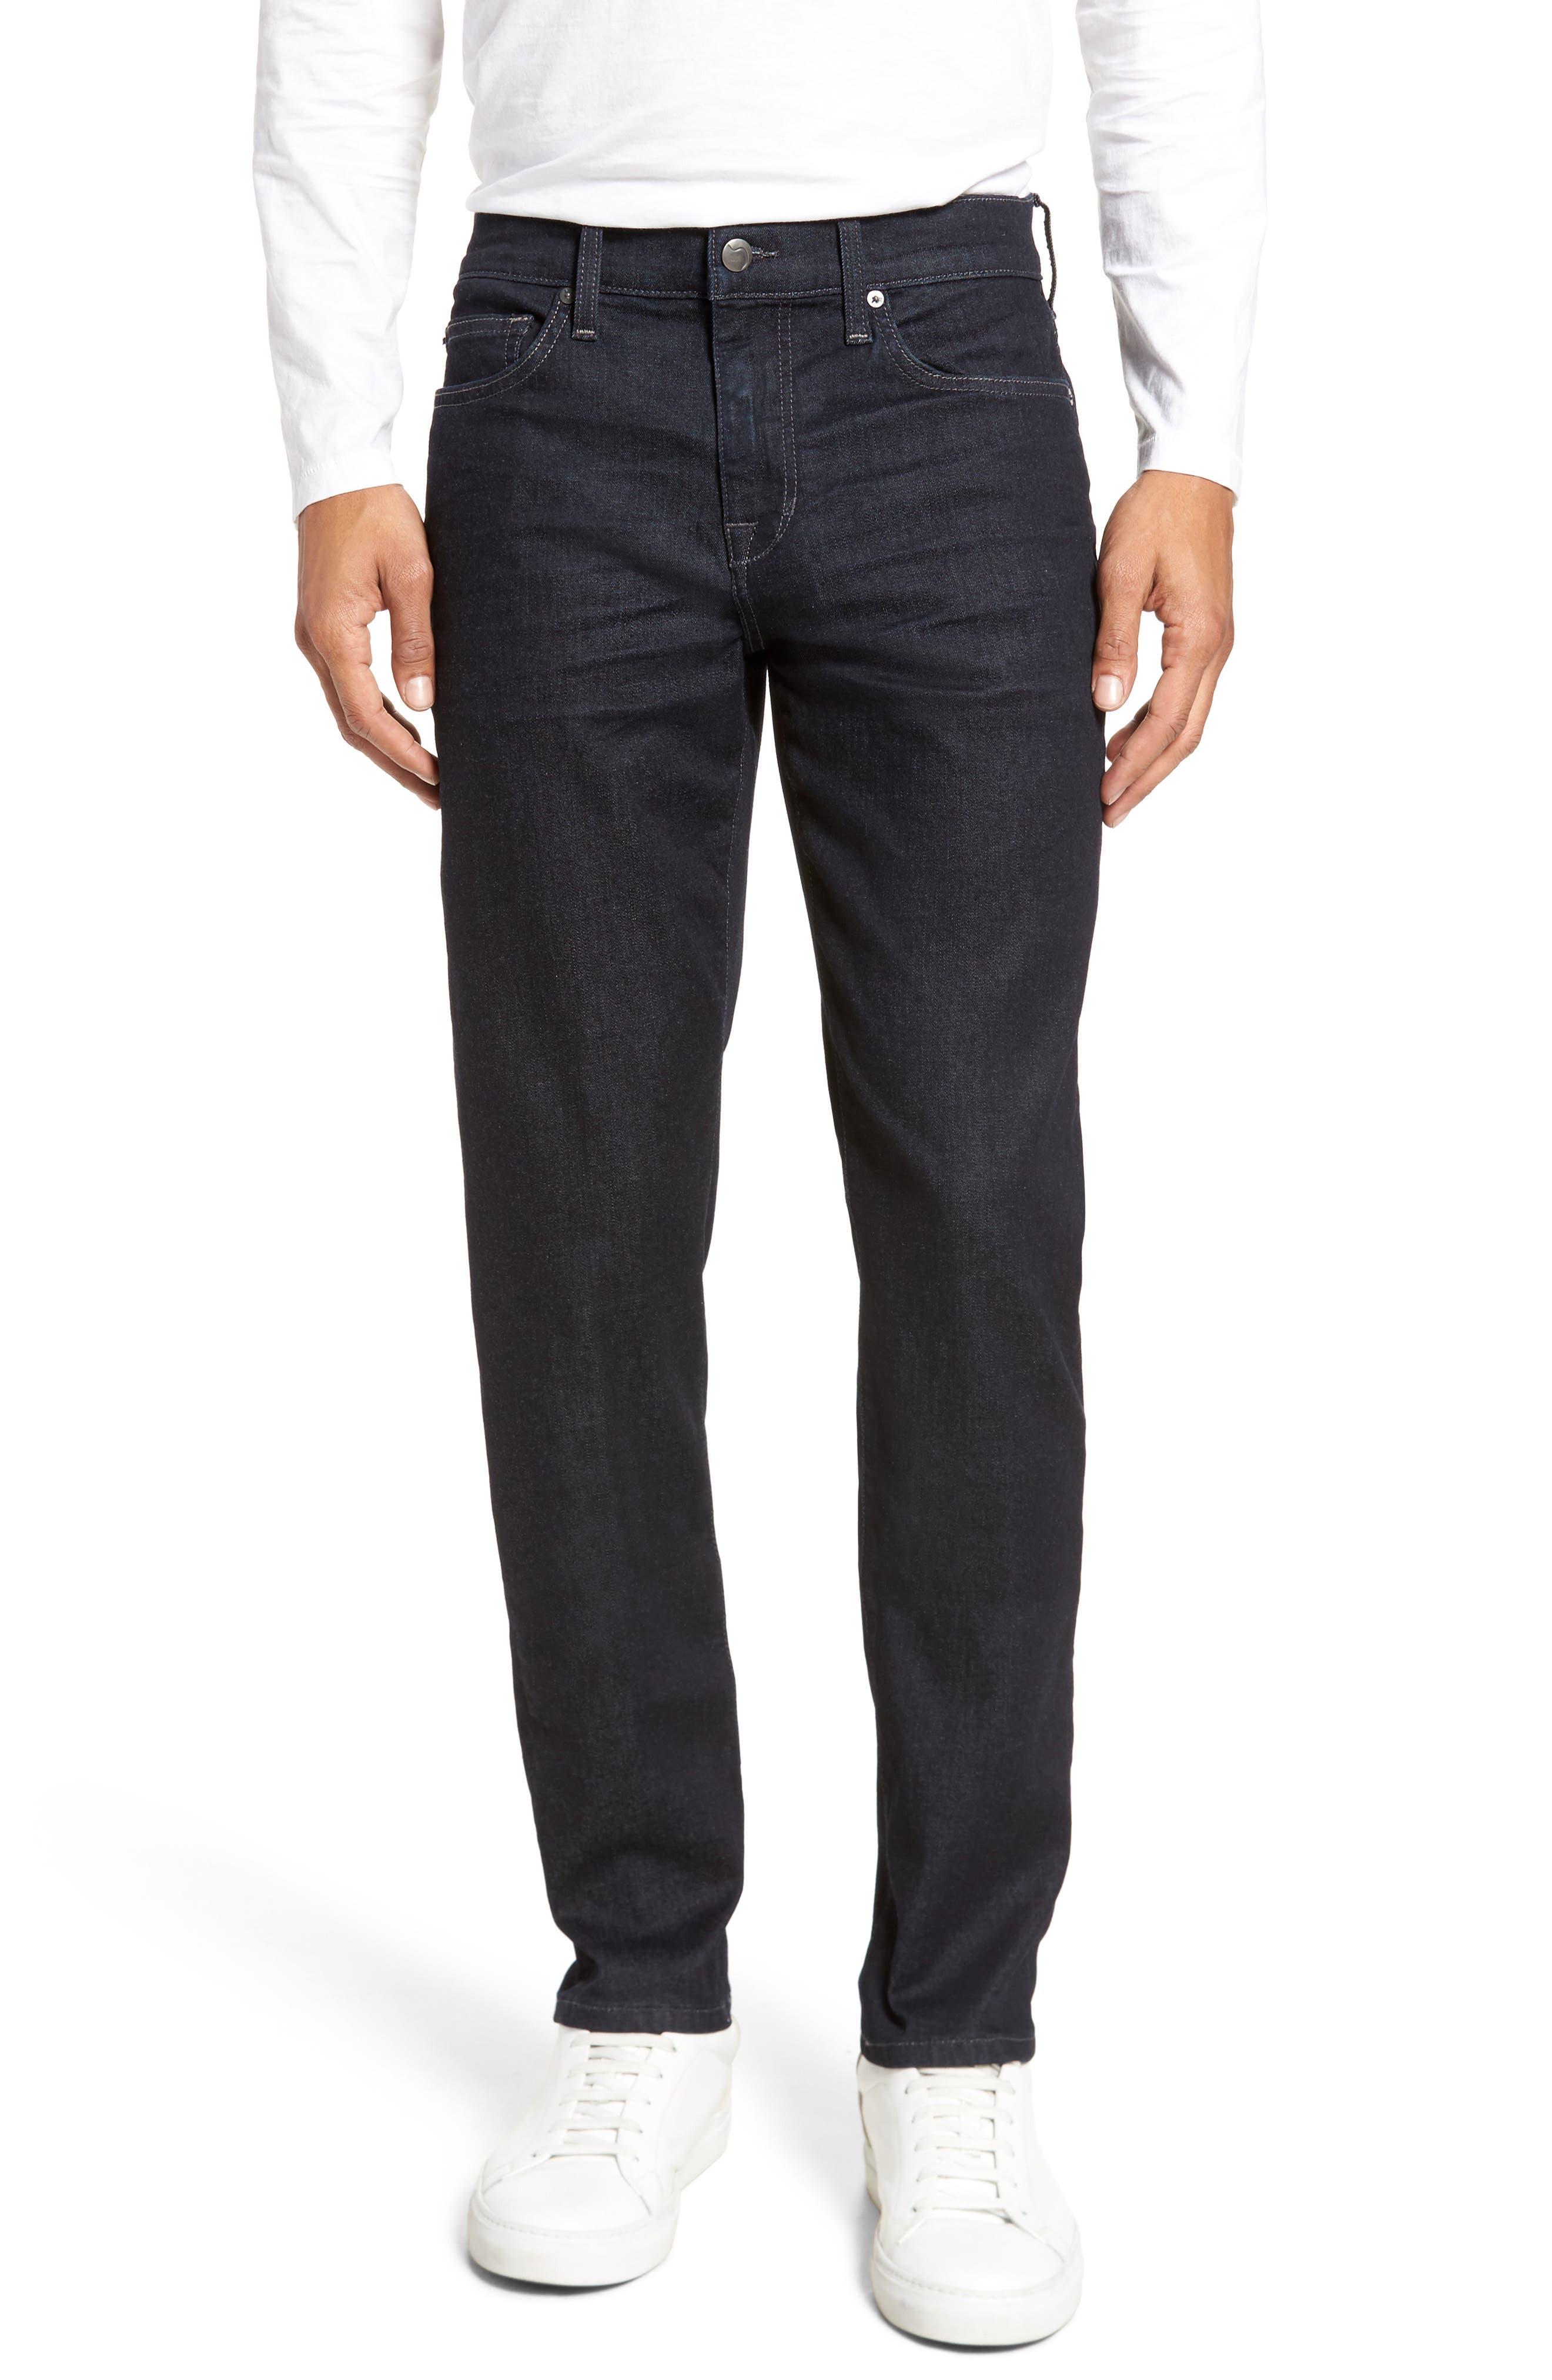 Alternate Image 1 Selected - Joe's Slim Slim Fit Jeans (Nuhollis)